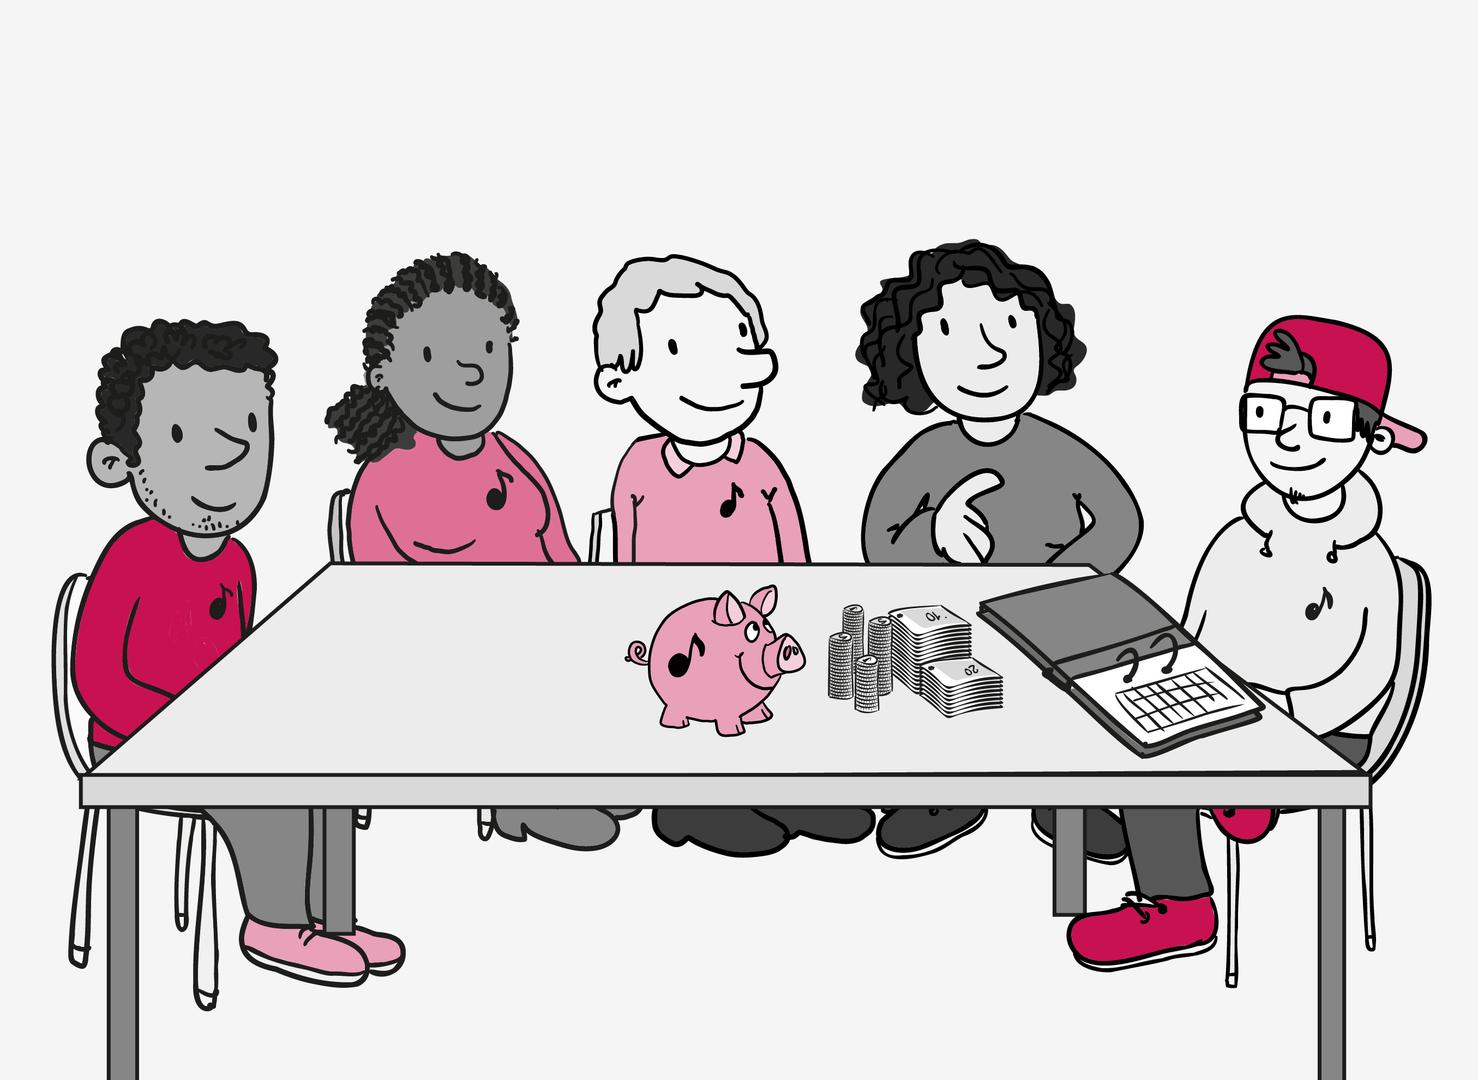 5 Personen mit kleinen Noten-Symbolen auf den Pullovern sitzen an einem Tisch. Der junge Mann ganz rechts hat einen aufgeklappten Akten-Ordner, ein Sparschwein und gestapeltes Bargeld vor sich liegen.